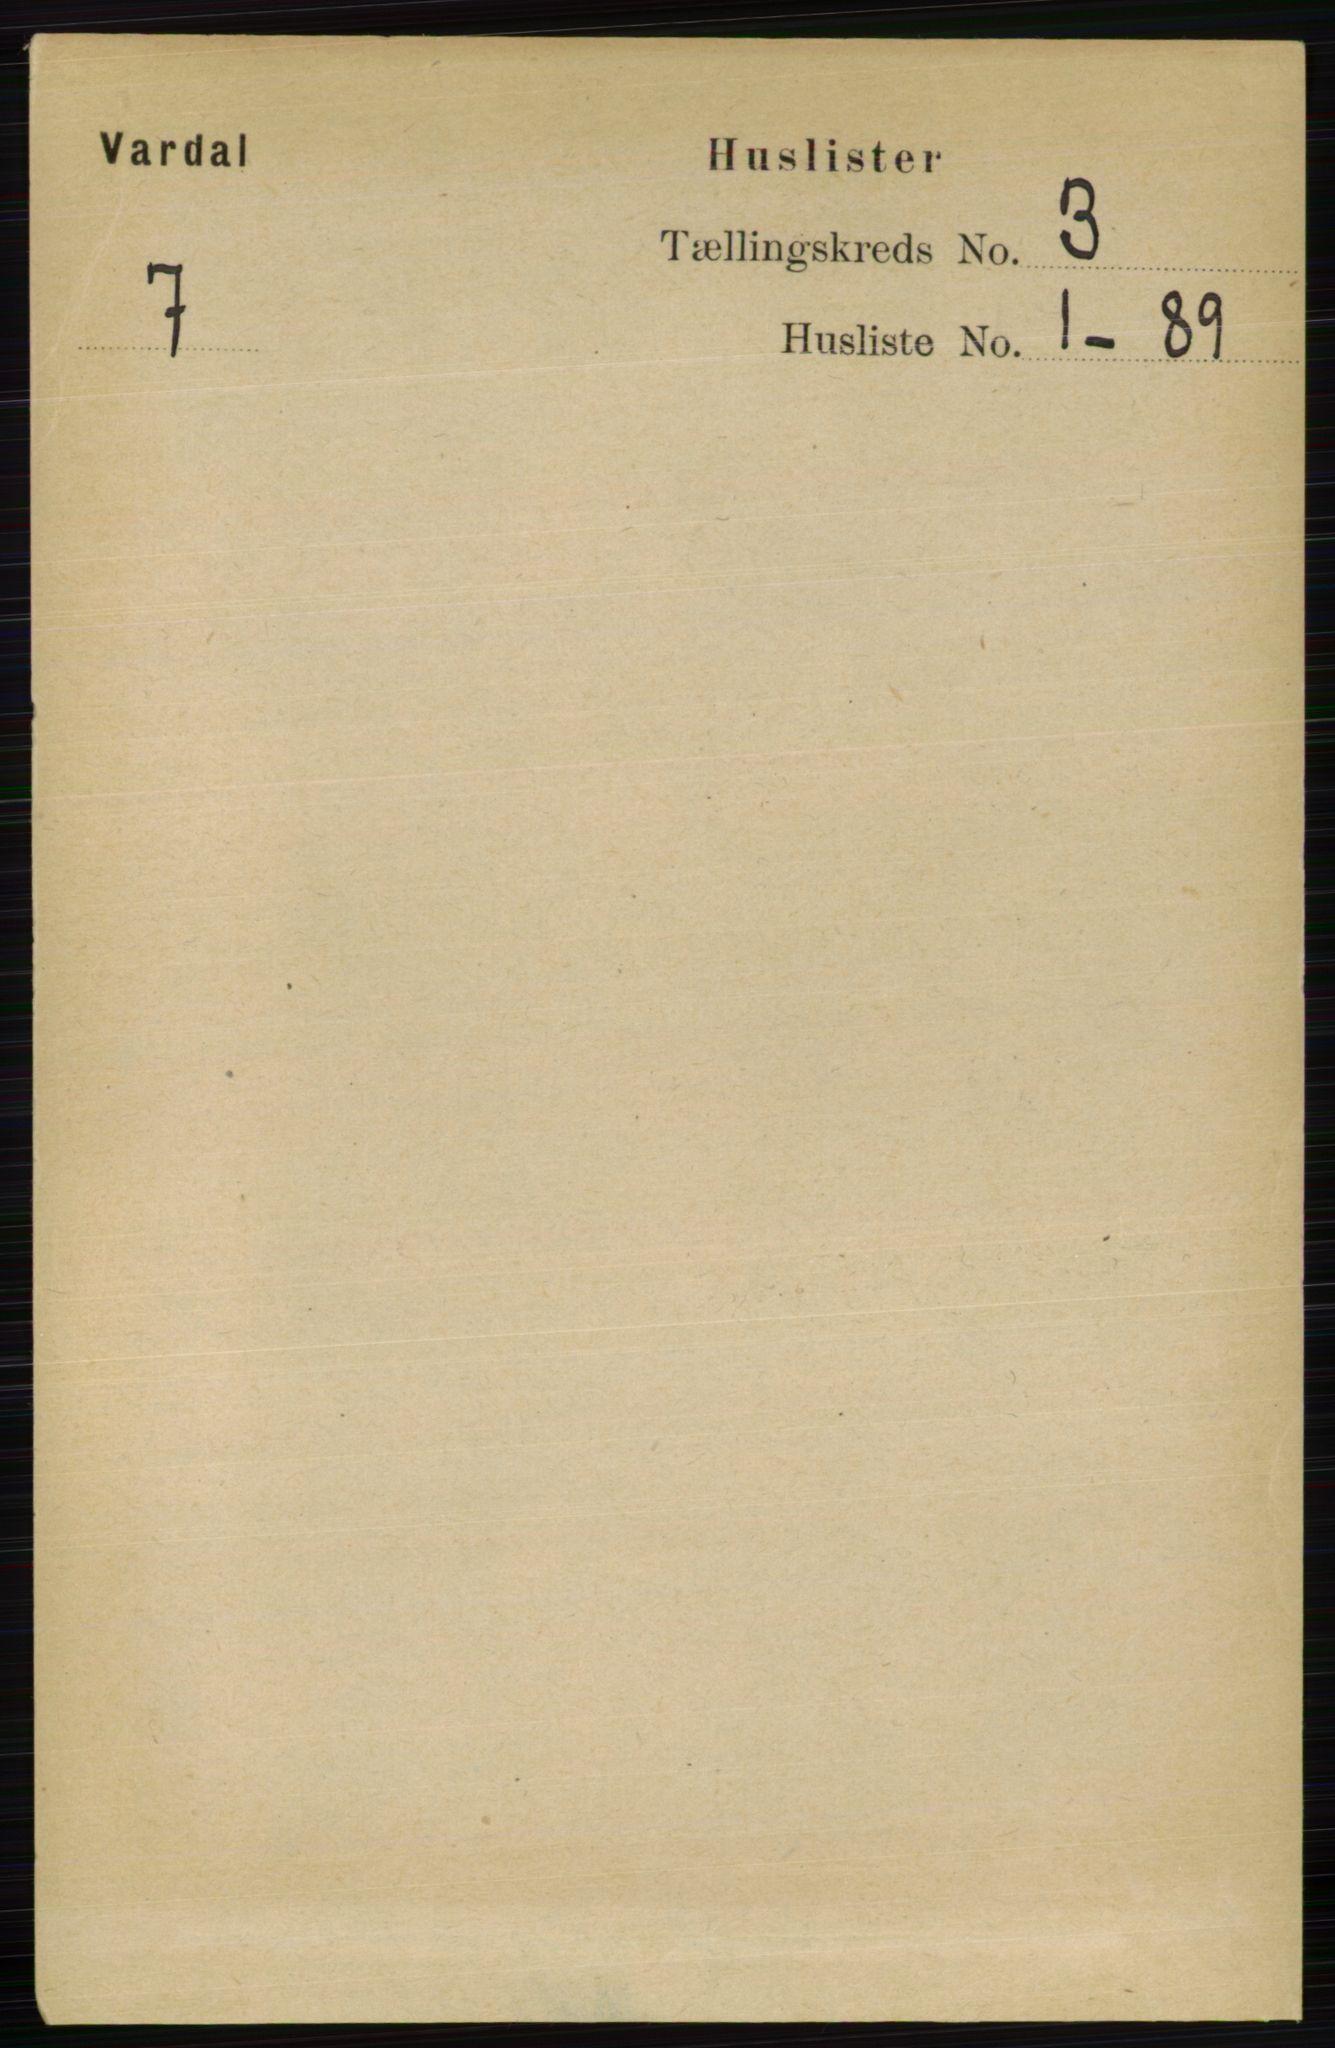 RA, Folketelling 1891 for 0527 Vardal herred, 1891, s. 885